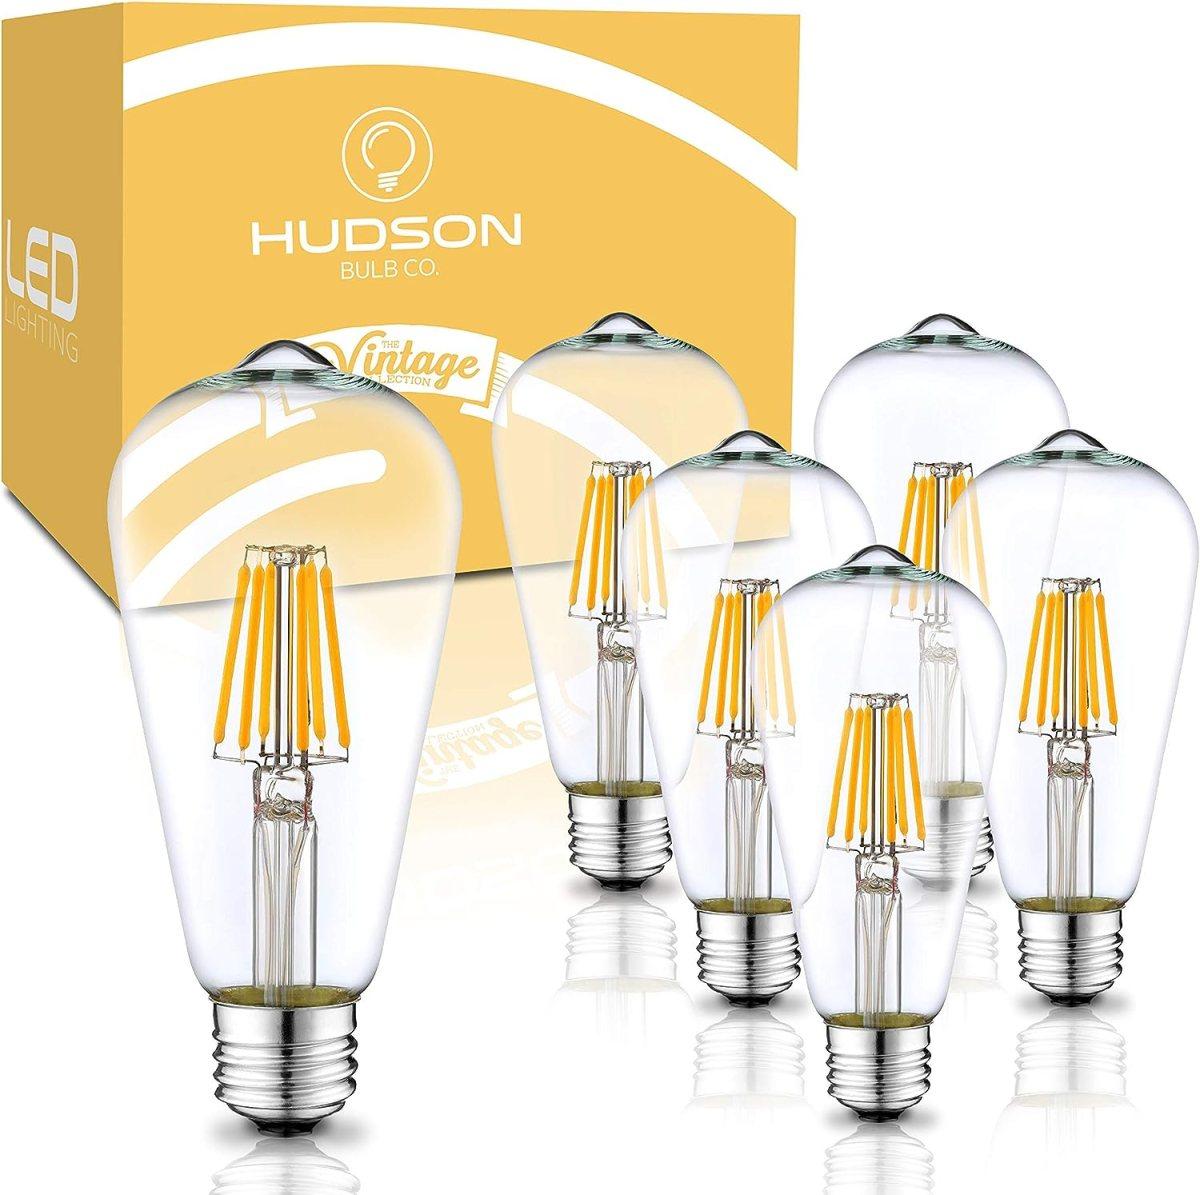 E26 Base Dimmable LED Edison light bulb